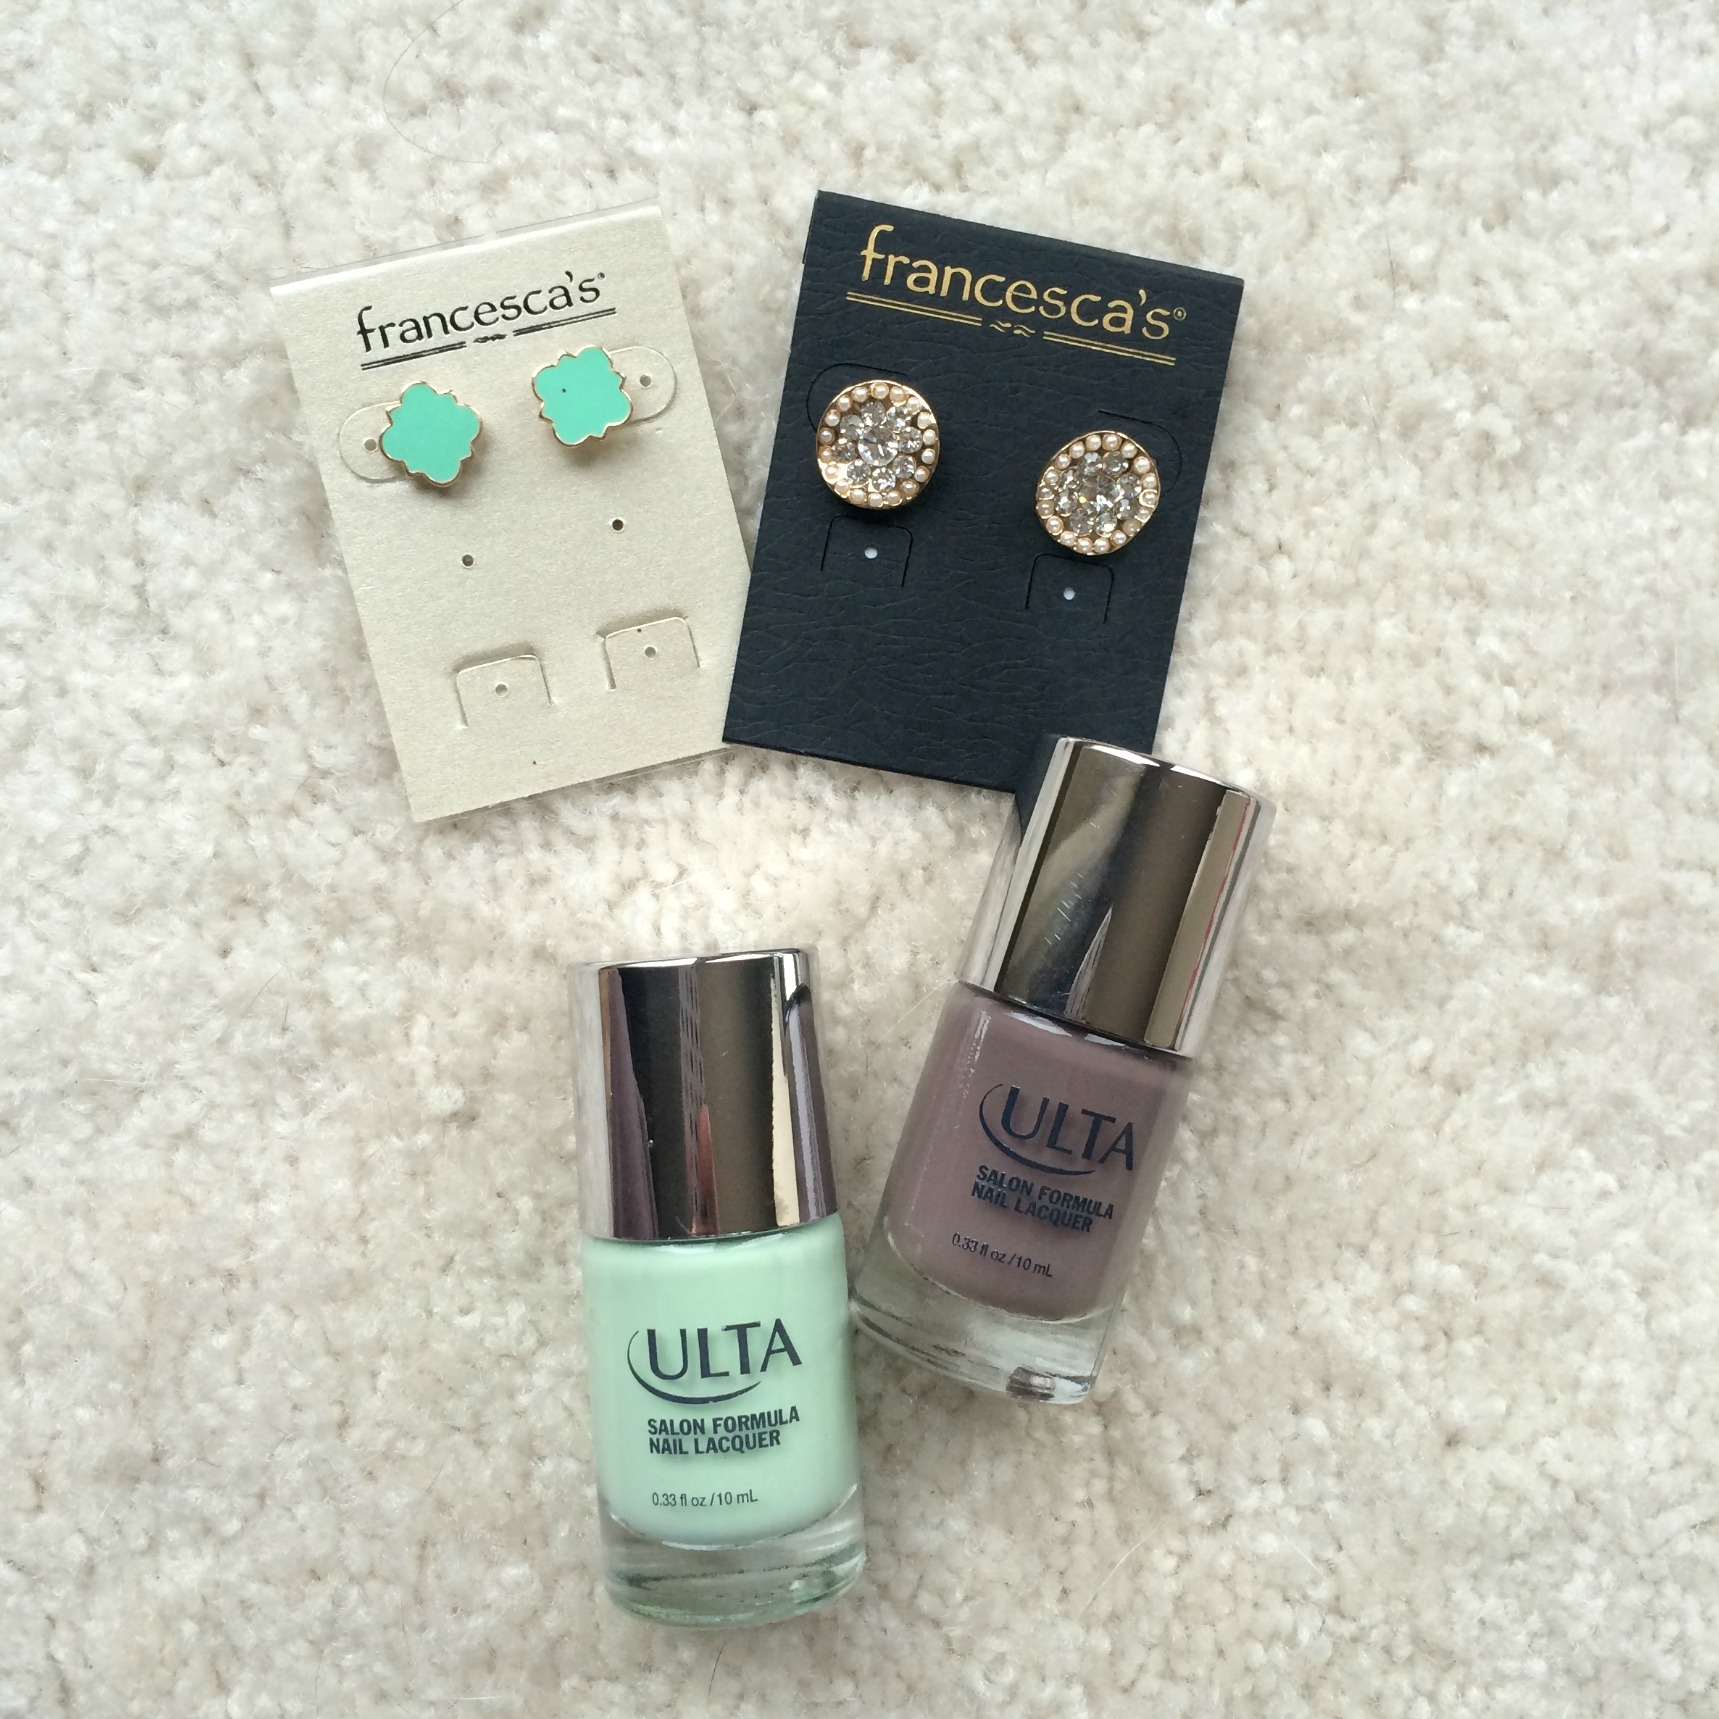 francesca's earrings and ulta nailpolish